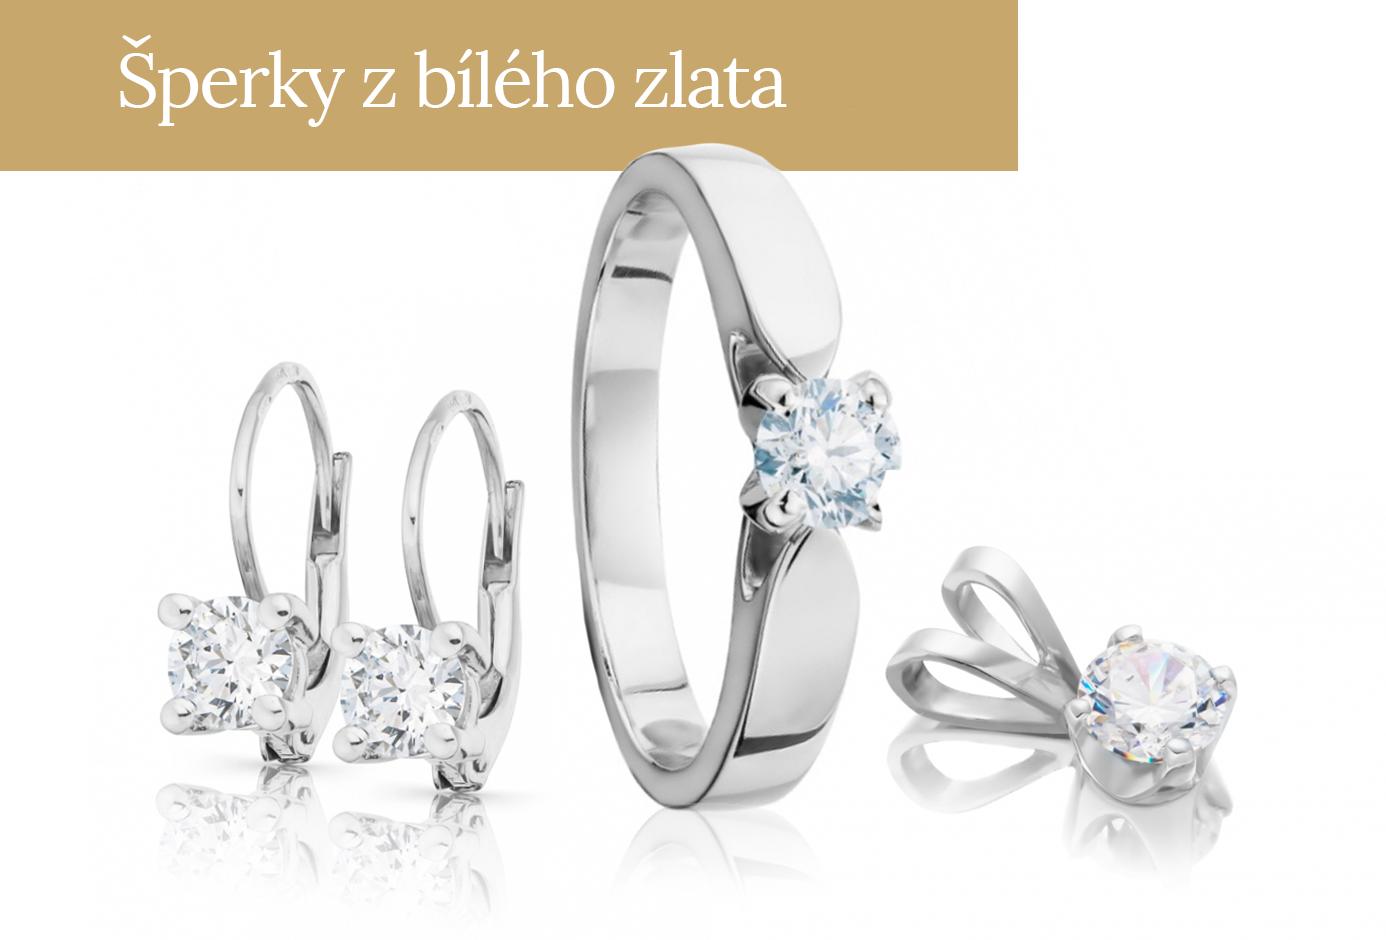 Šperky z bílého zlata